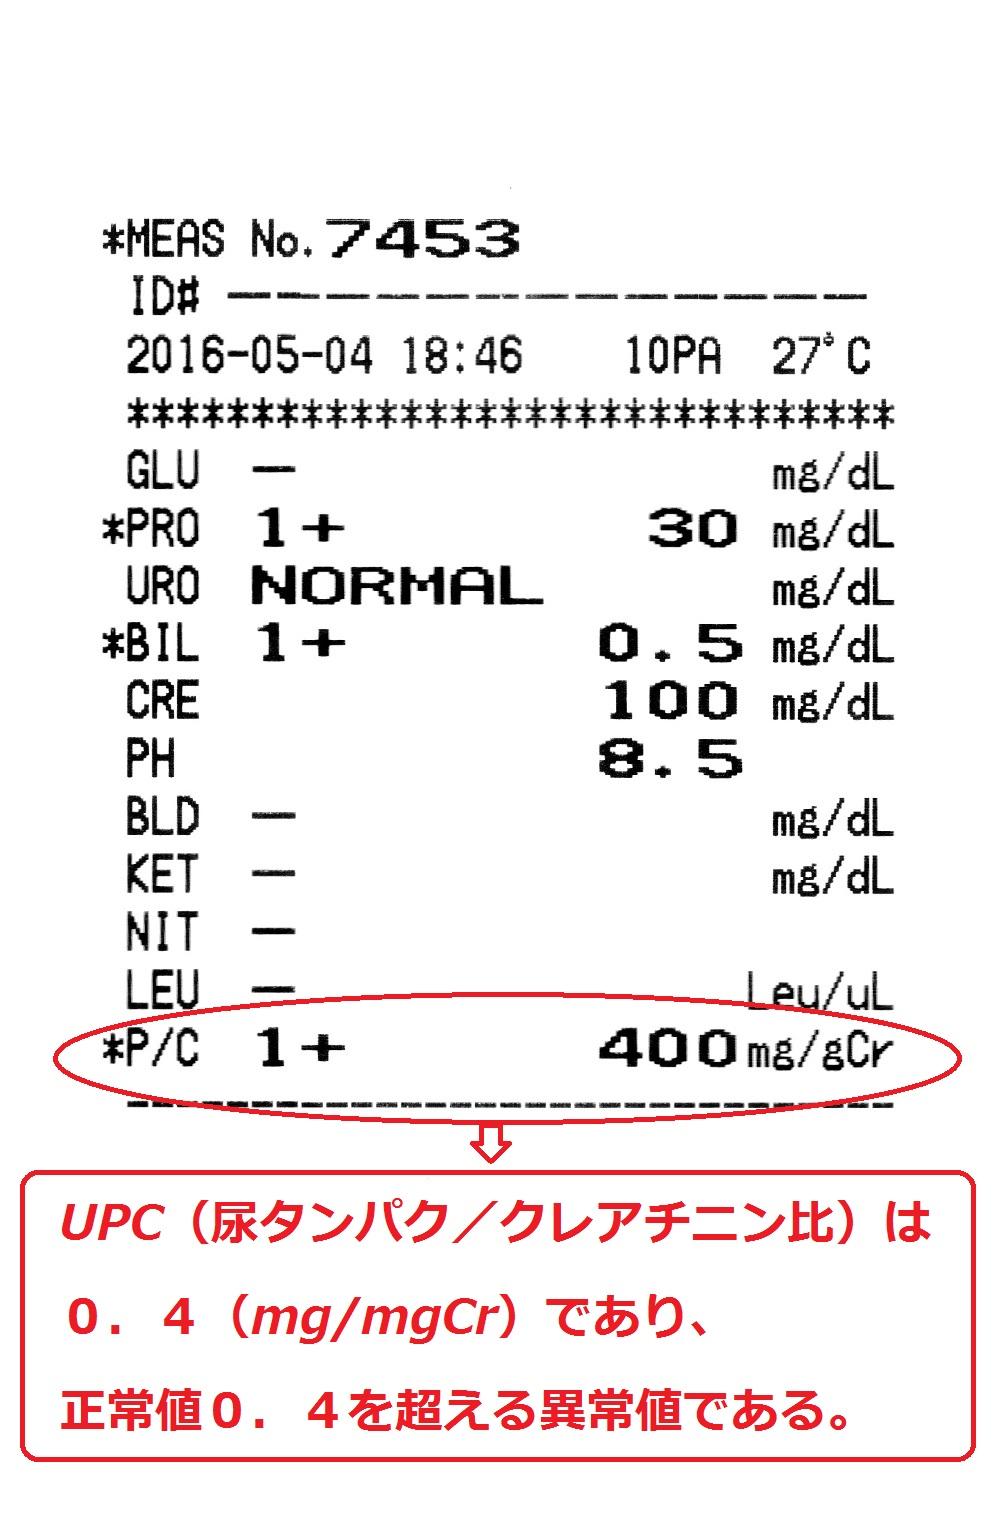 蛋白 尿 検査